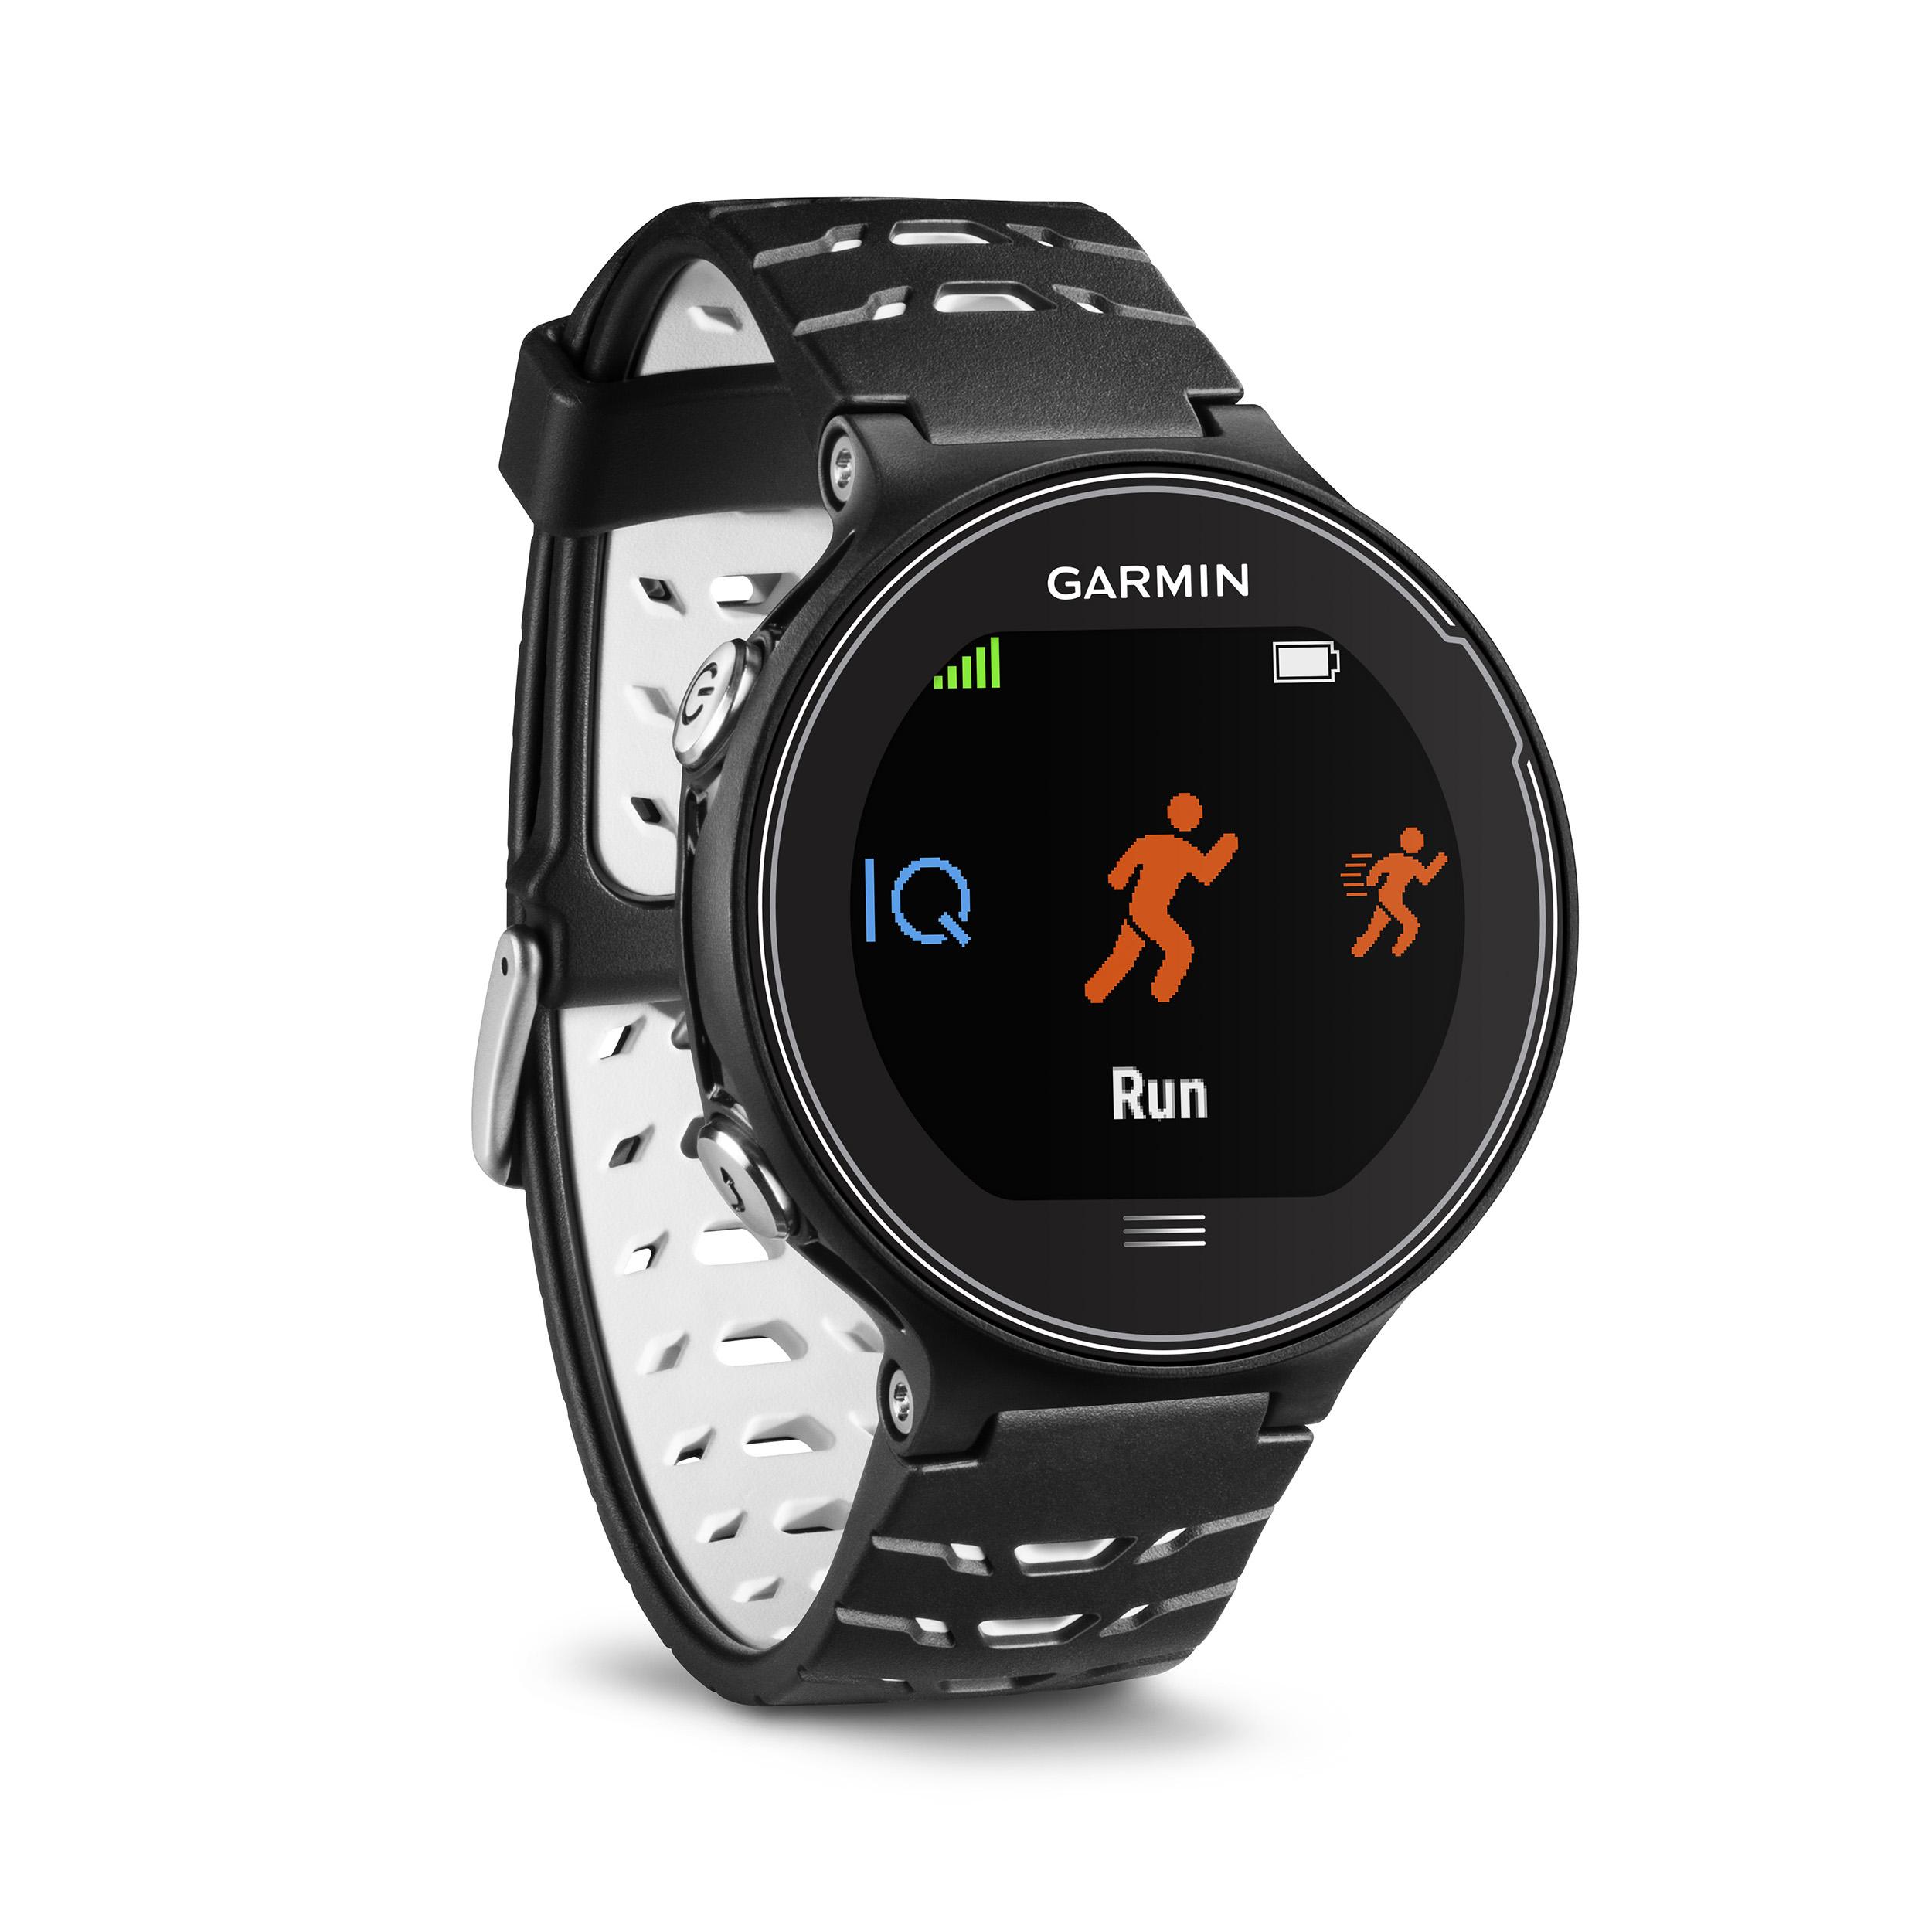 Garmin 010-03717-00 Forerunner 630 GPS Running Watch Black/White